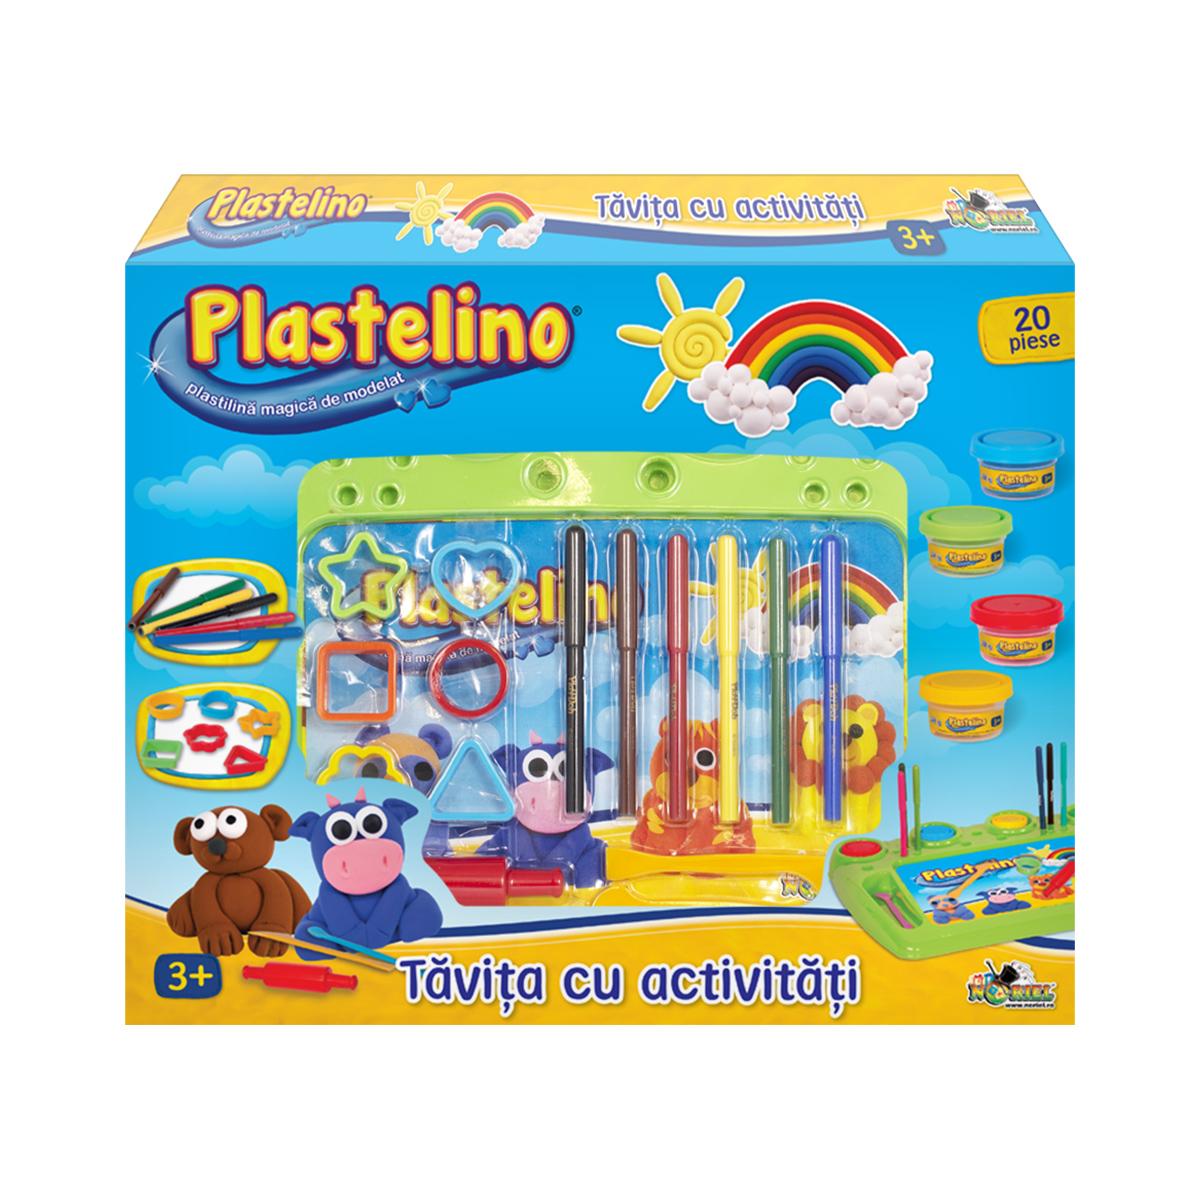 Set de modelare Plastelino, Tavita cu activitati, 20 piese